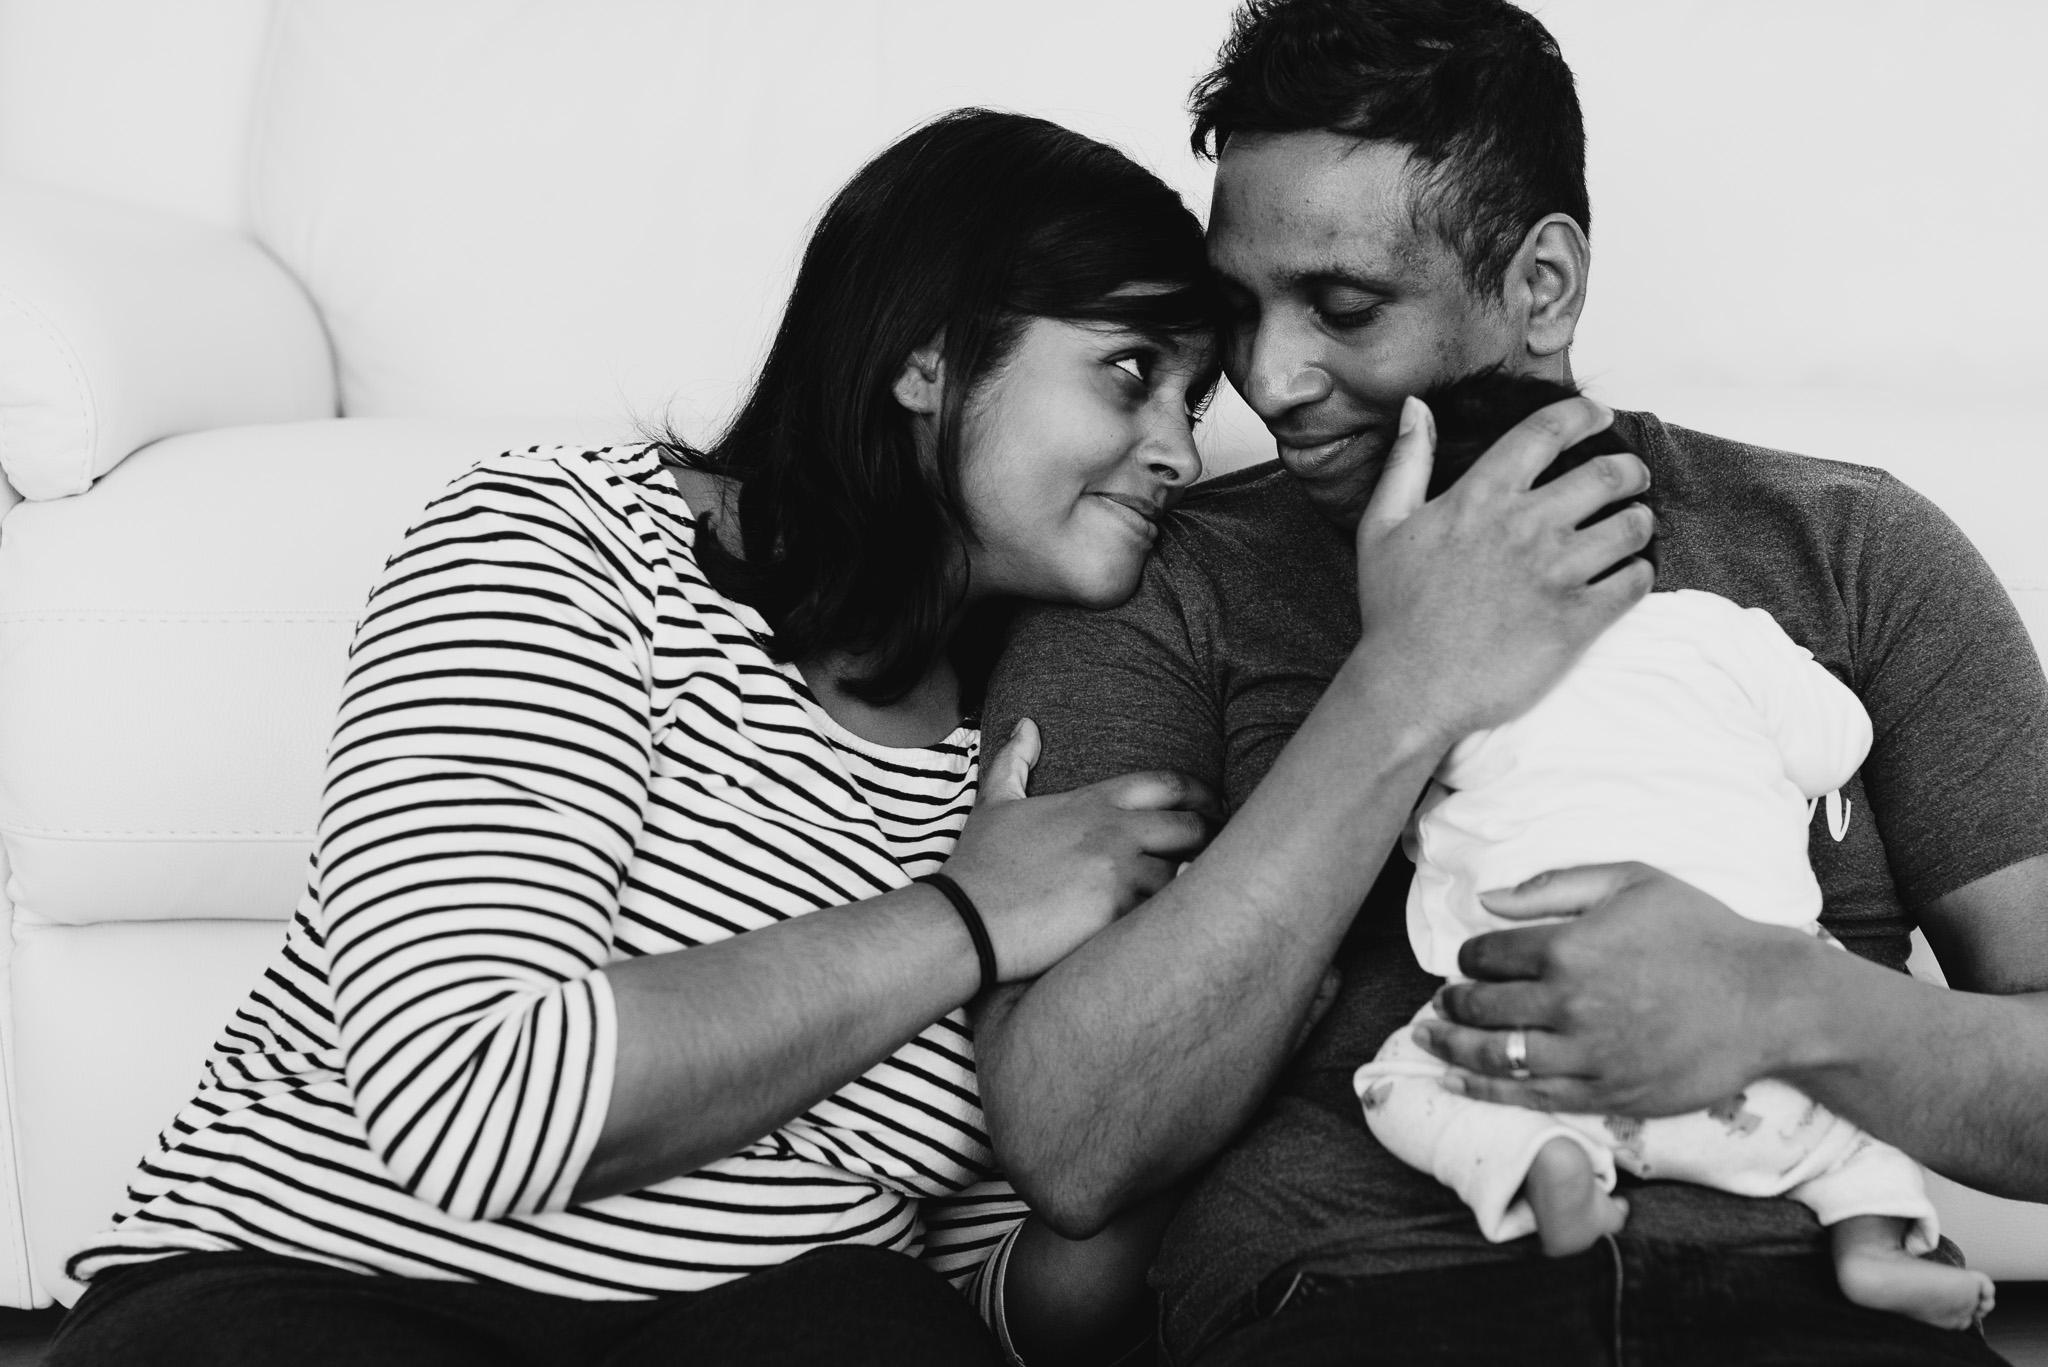 Photographe bébé nouveau-né domicile paris Yvelines hauts de seine séance lifestyle domicile Sandrine Siryani